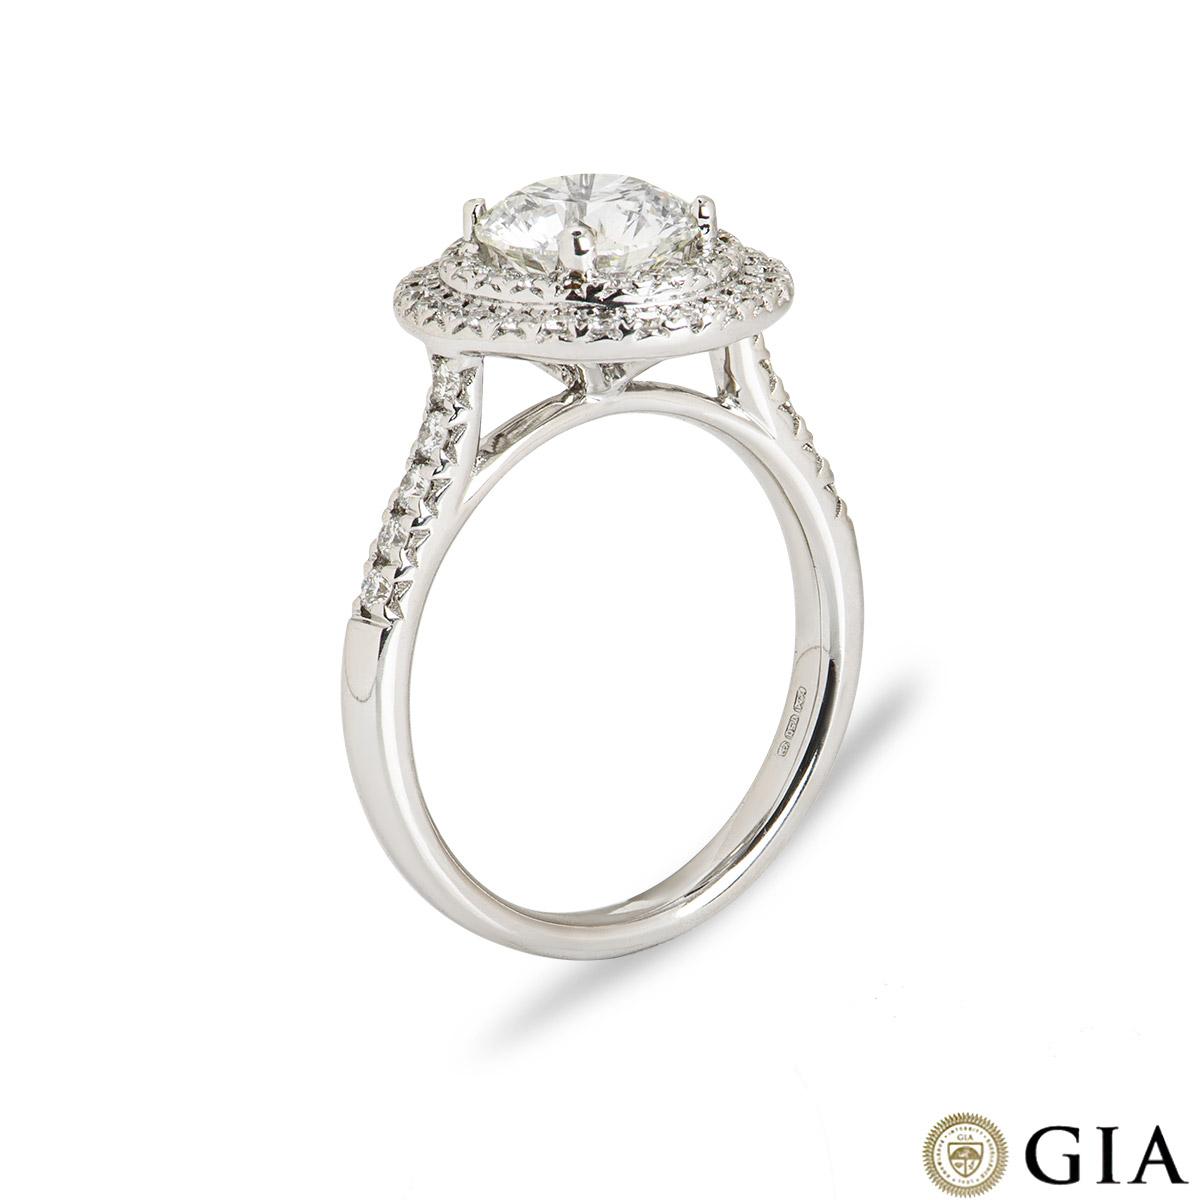 18k White Gold Round Brilliant Cut Diamond Ring 1.58ct G/VS